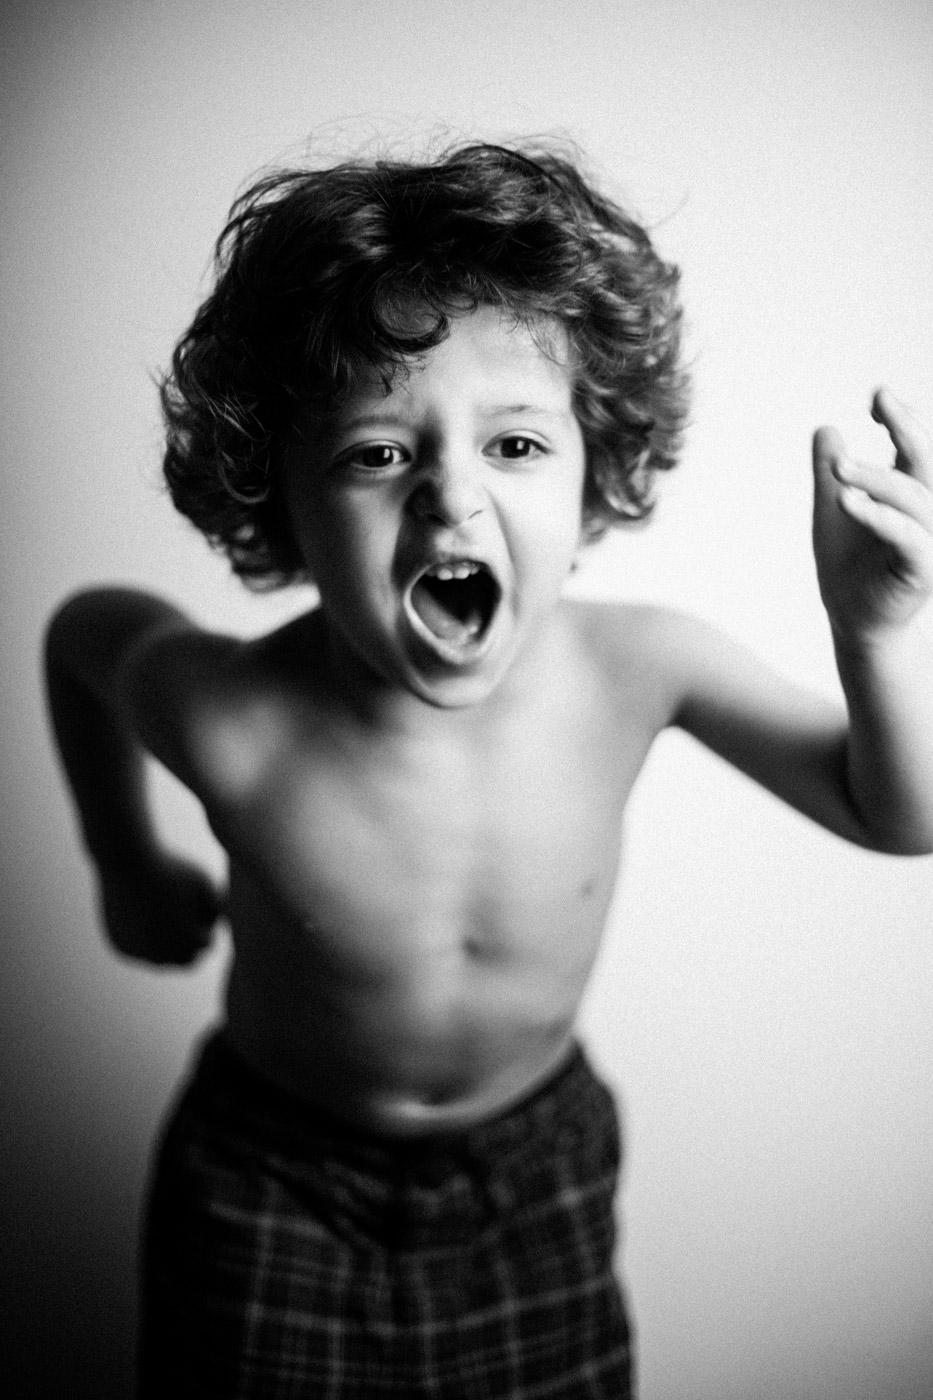 retrato de un niño saltando con fuerza en blanco y negro